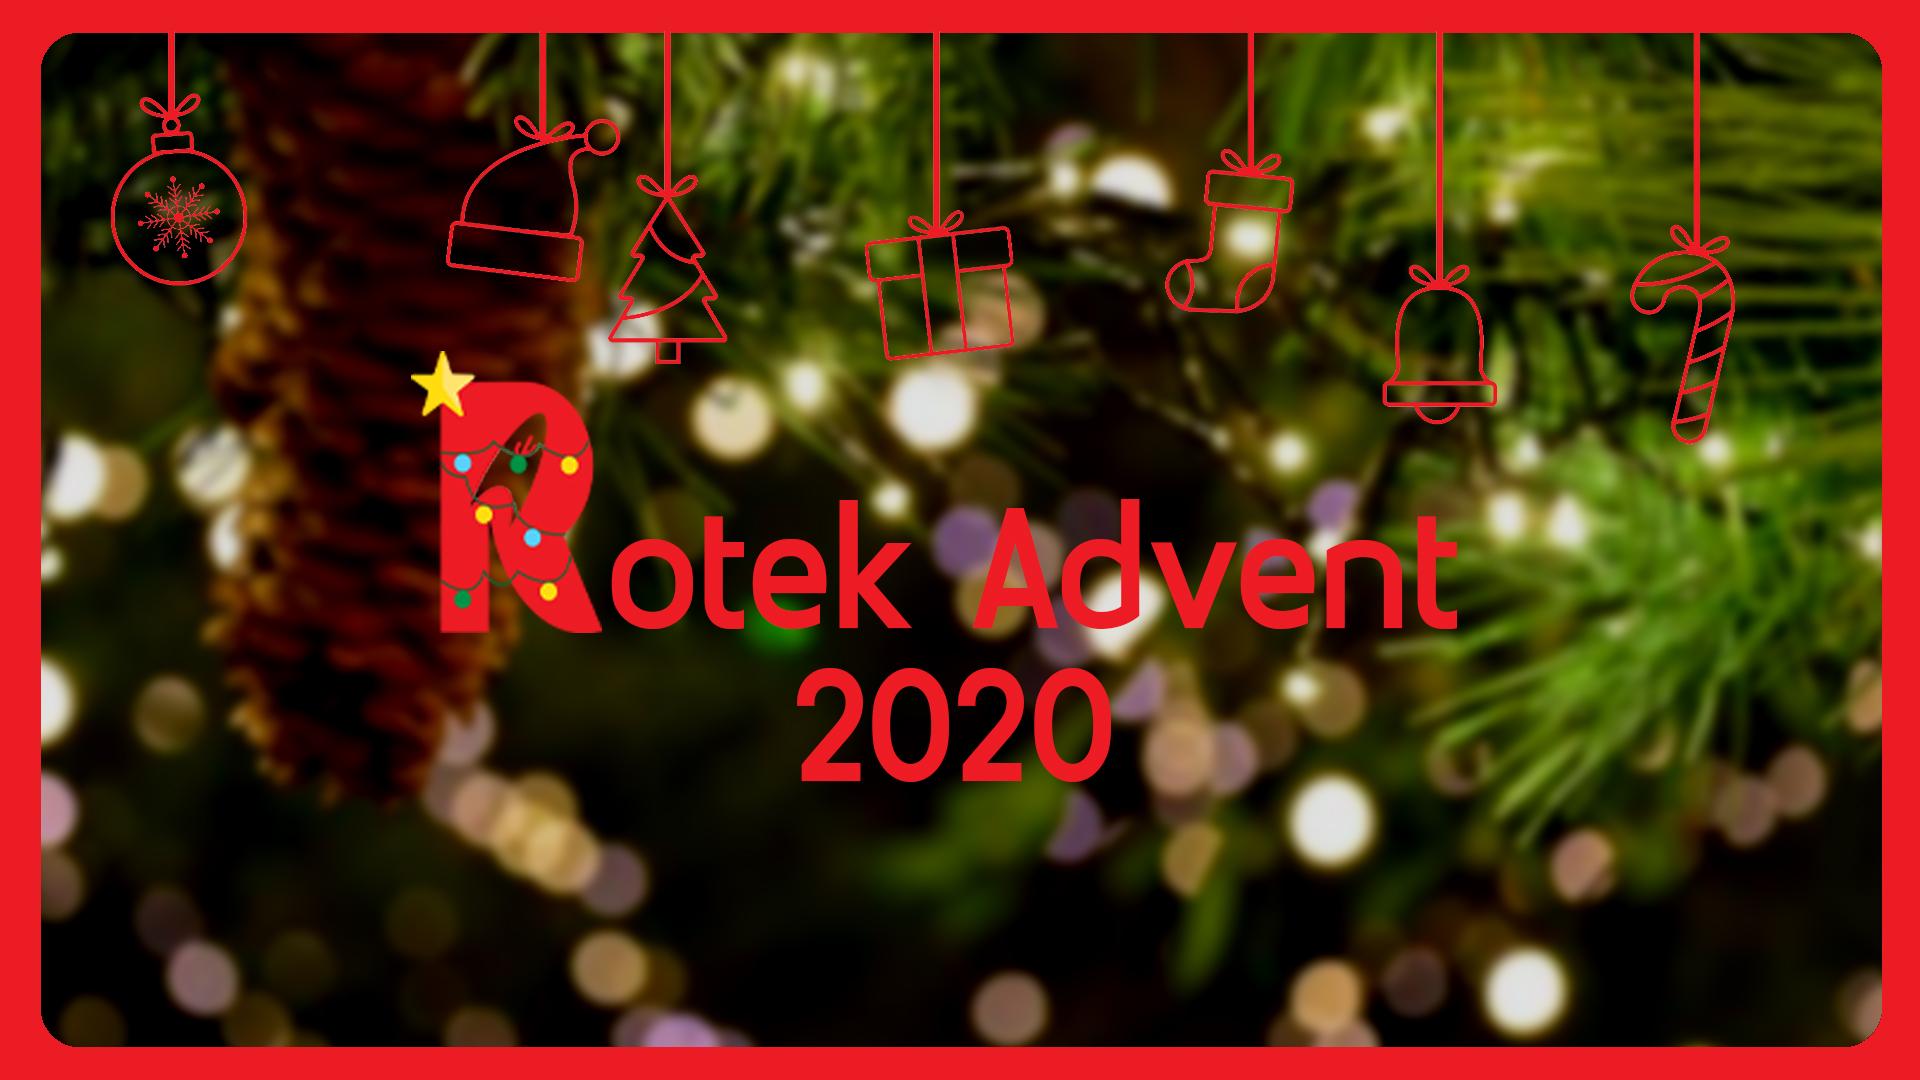 Le RotekAdvent 2020, c'est maintenant ! 🚀